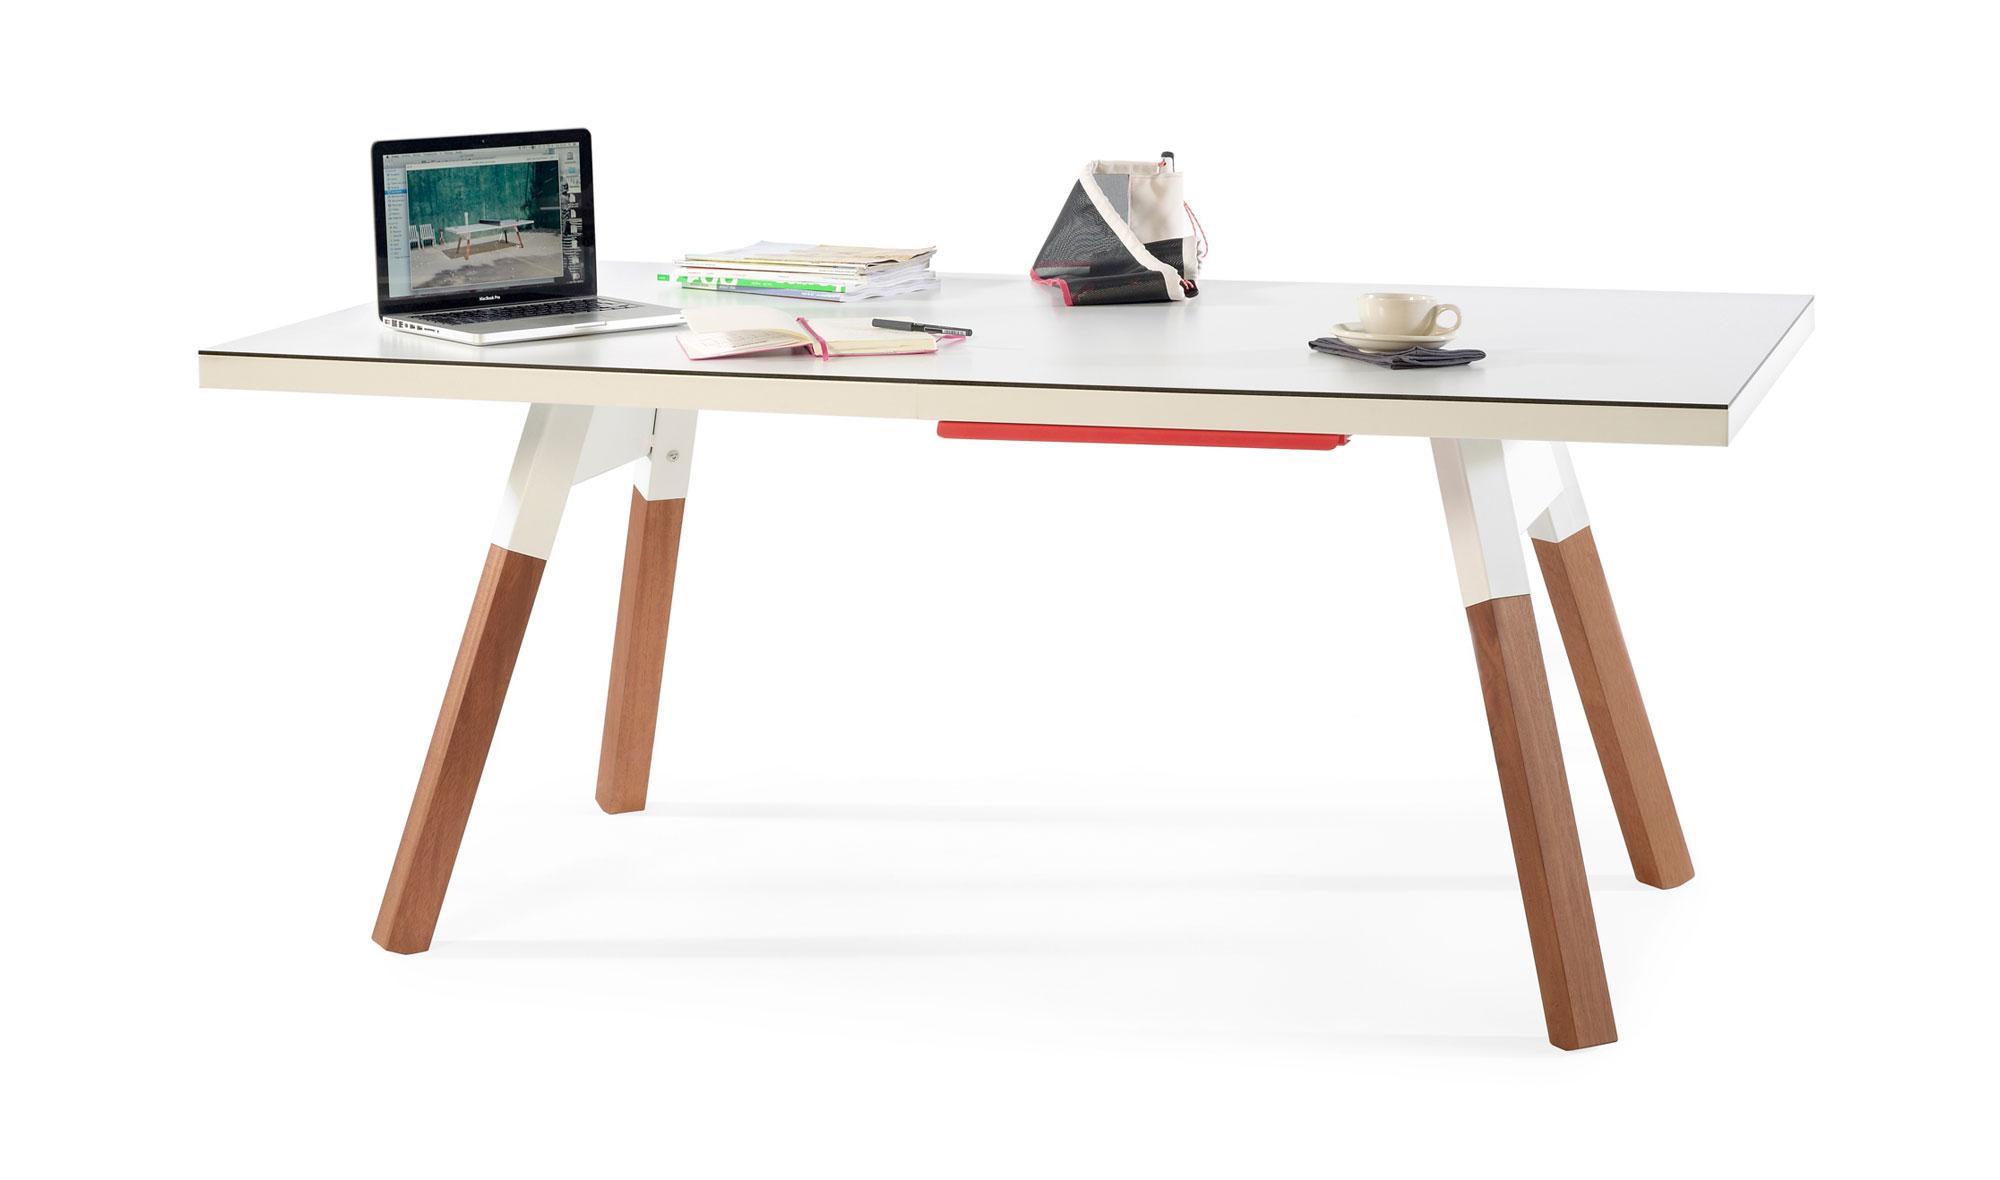 Mesa Escritorio Ping Pong 180 You and Me en Tu tienda de #A52726 2000x1180